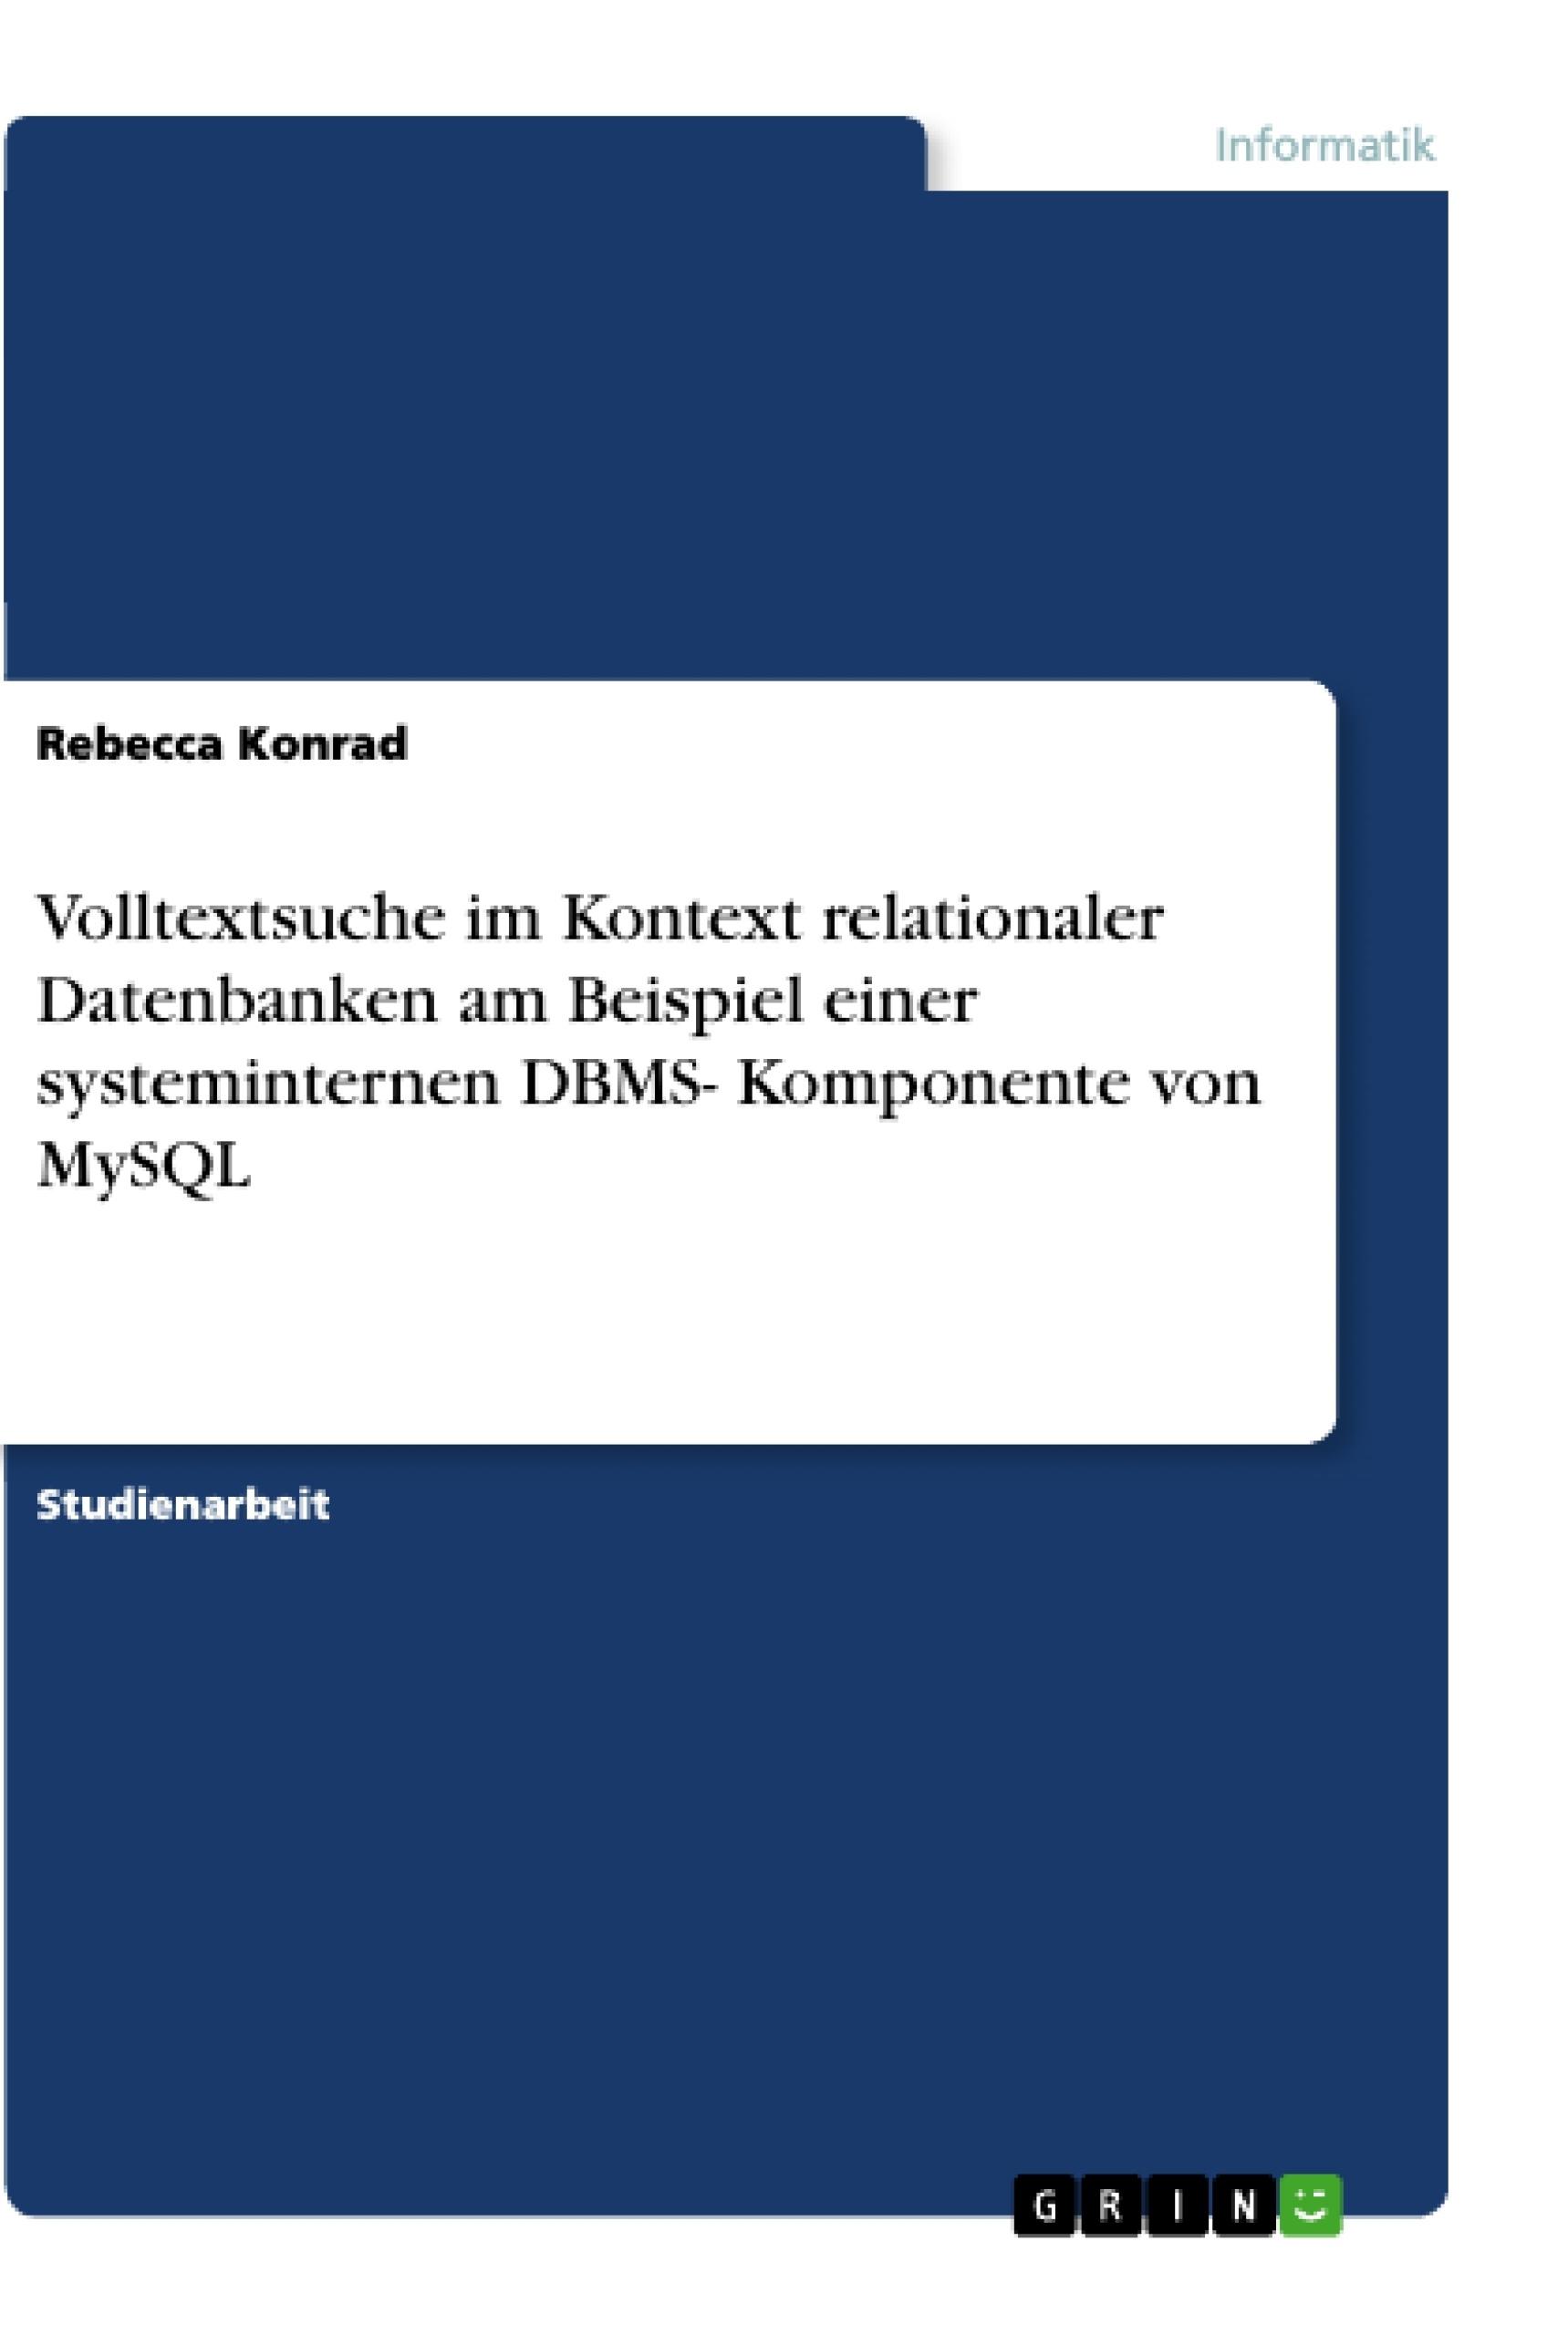 Titel: Volltextsuche im Kontext relationaler  Datenbanken am Beispiel einer systeminternen DBMS- Komponente von MySQL